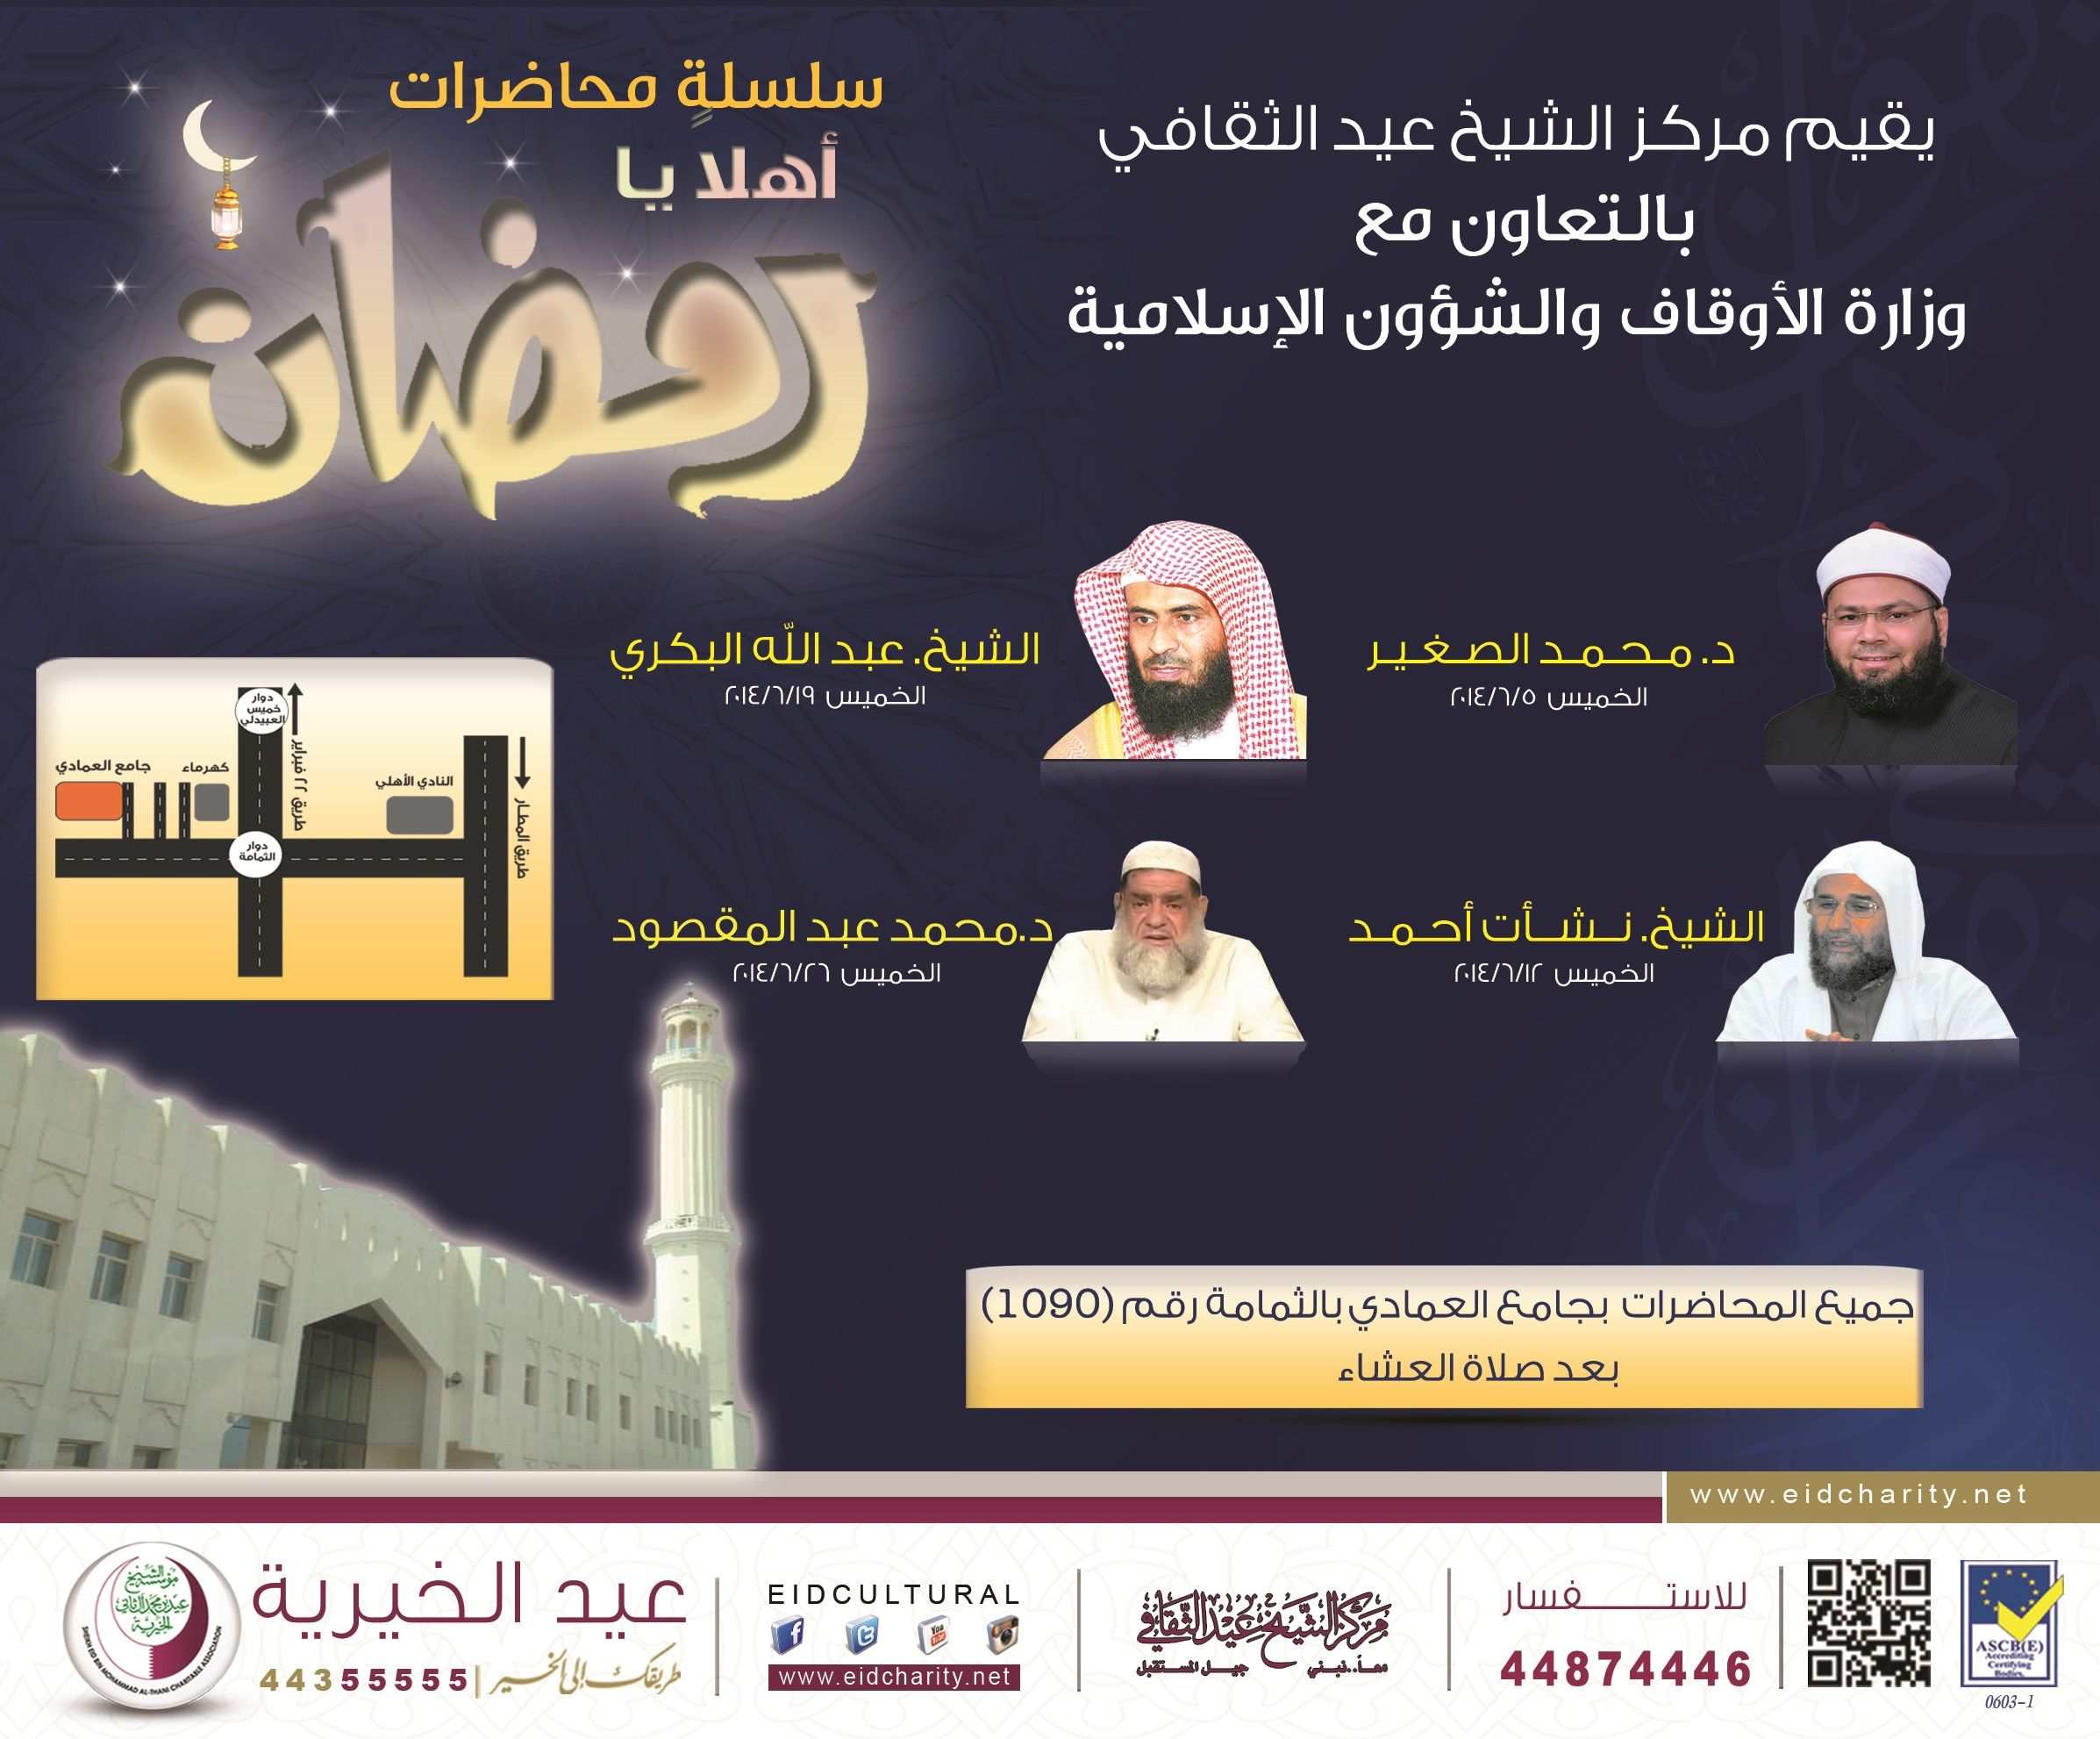 بجامع العمادي بمنطقة الثمامة الدوحة قطر سلسلة اهلا يا رمضان Pandora Screenshot Movie Posters Movies